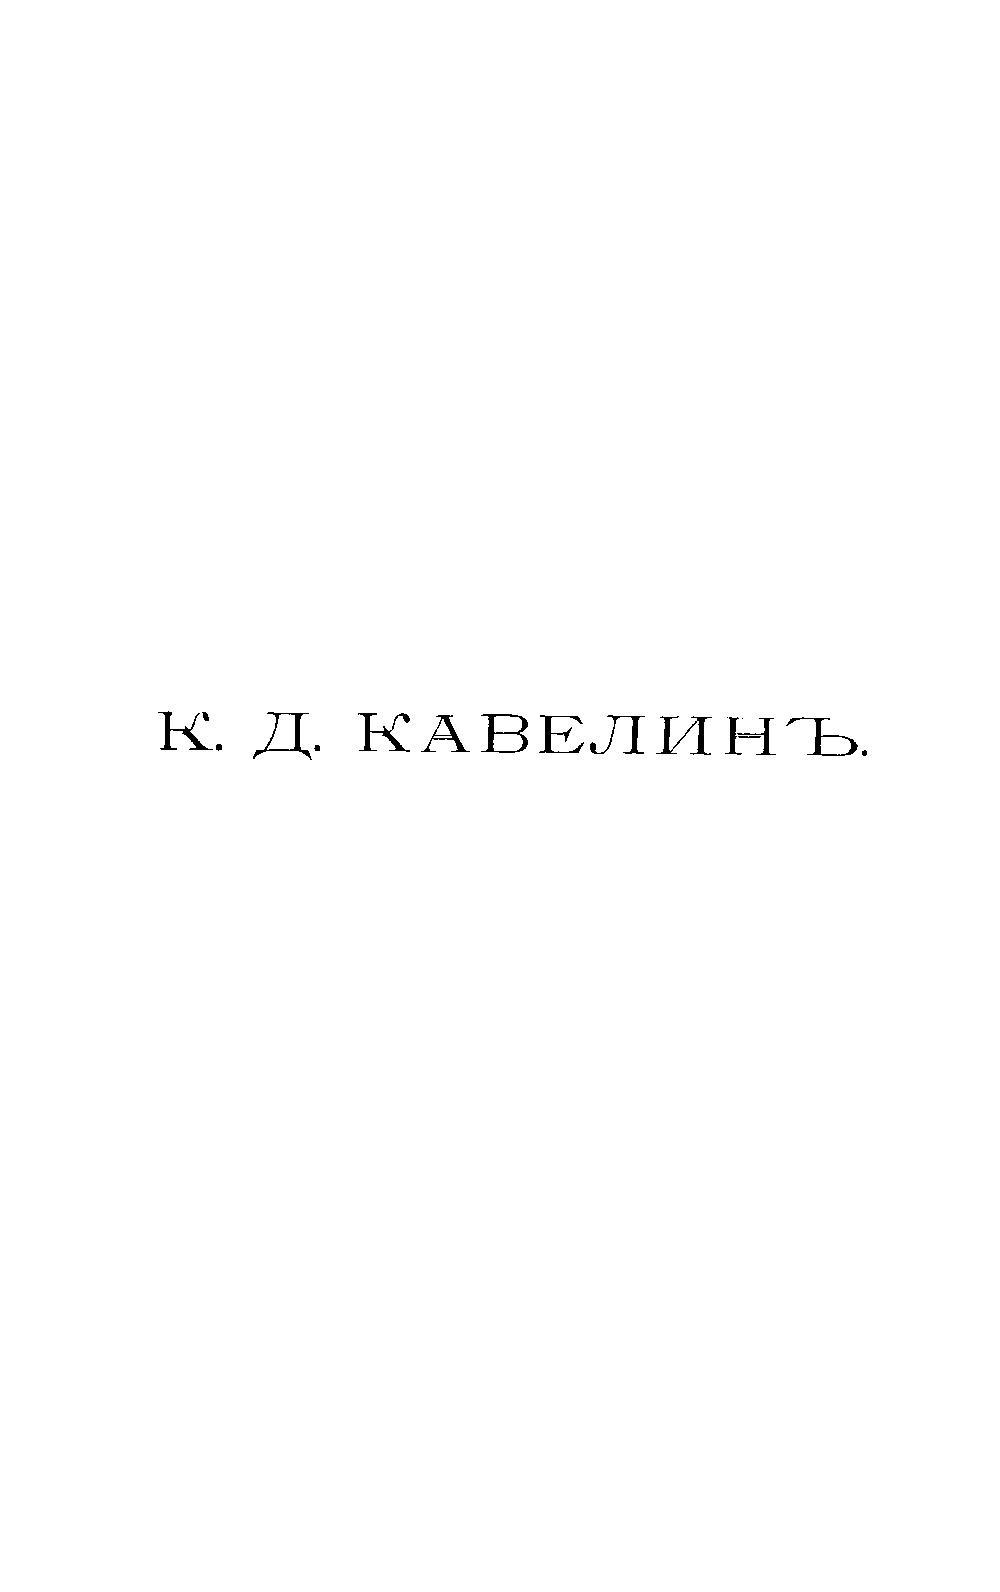 bsb00005593_00005.jpg